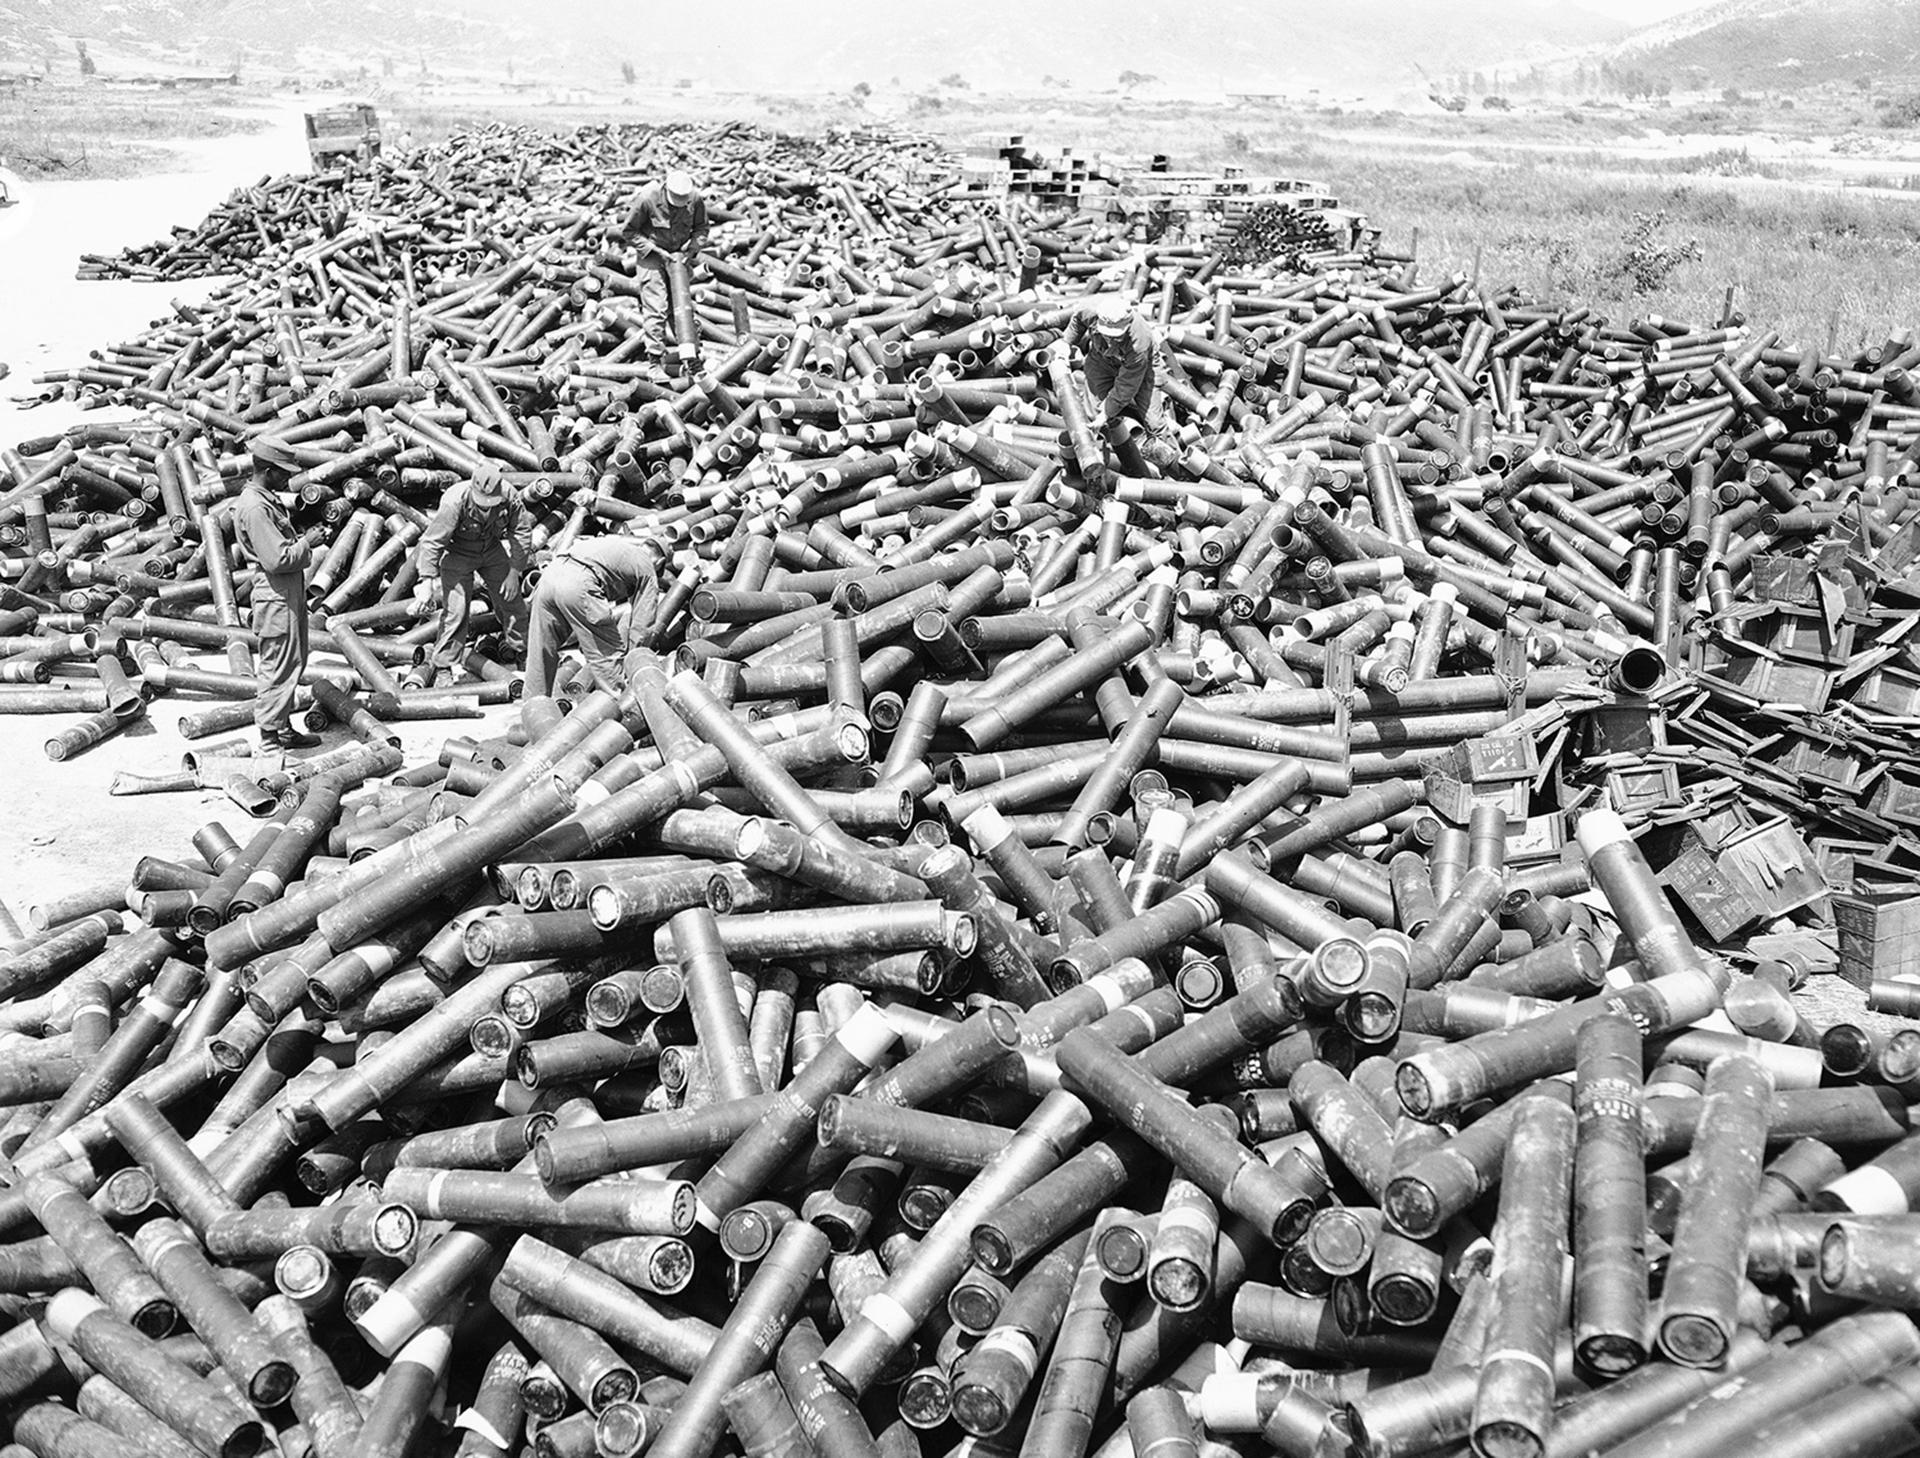 Una enorme cantidad de municiones vacias es recogida por los soldados (AP)